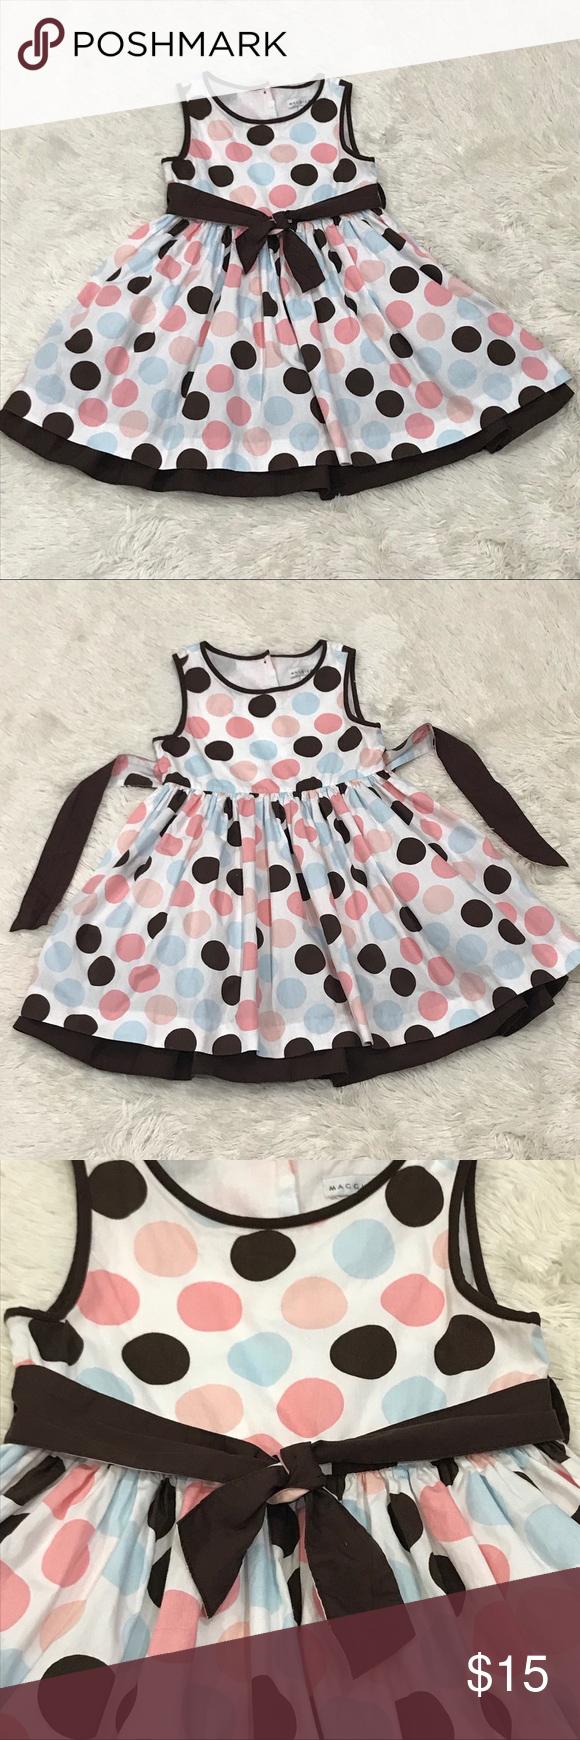 Maggie Zoe Toddler 5 Dress 5t Polka Dot Easter Boutique Toddler Dresses Toddler Dress Dresses 5t [ 1740 x 580 Pixel ]